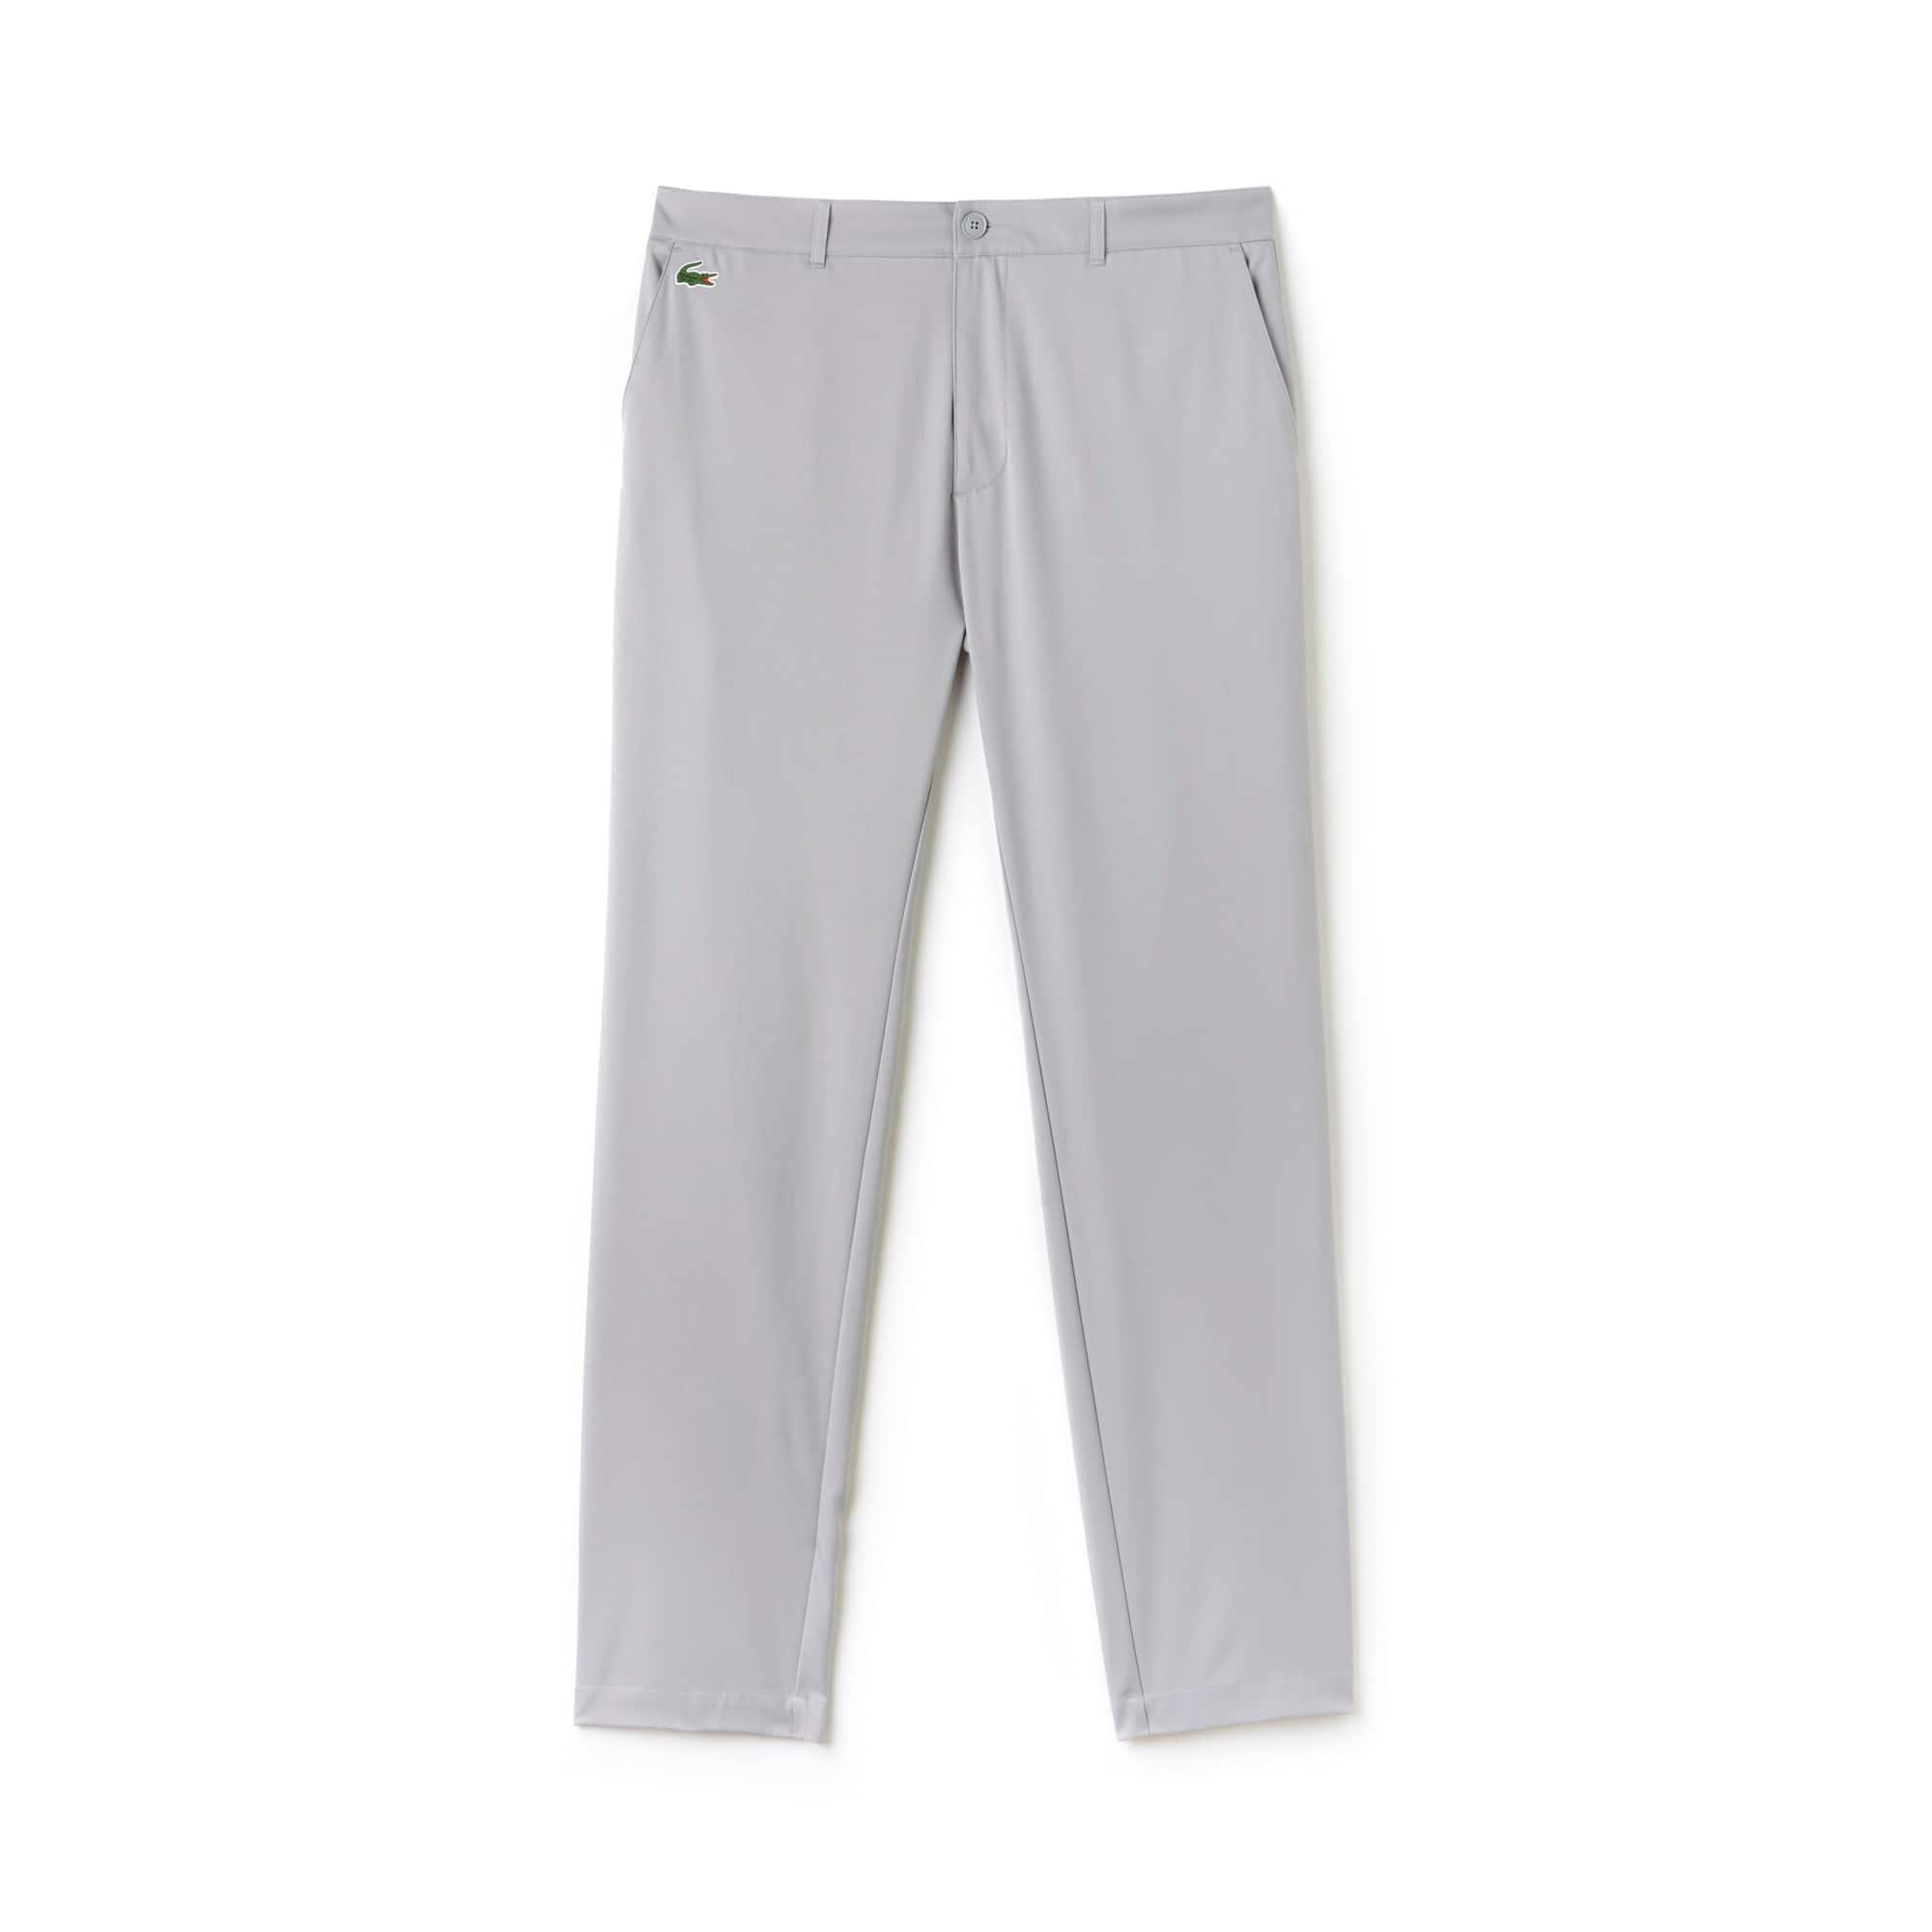 Men's Sport Technical Gabardine Golf Pants